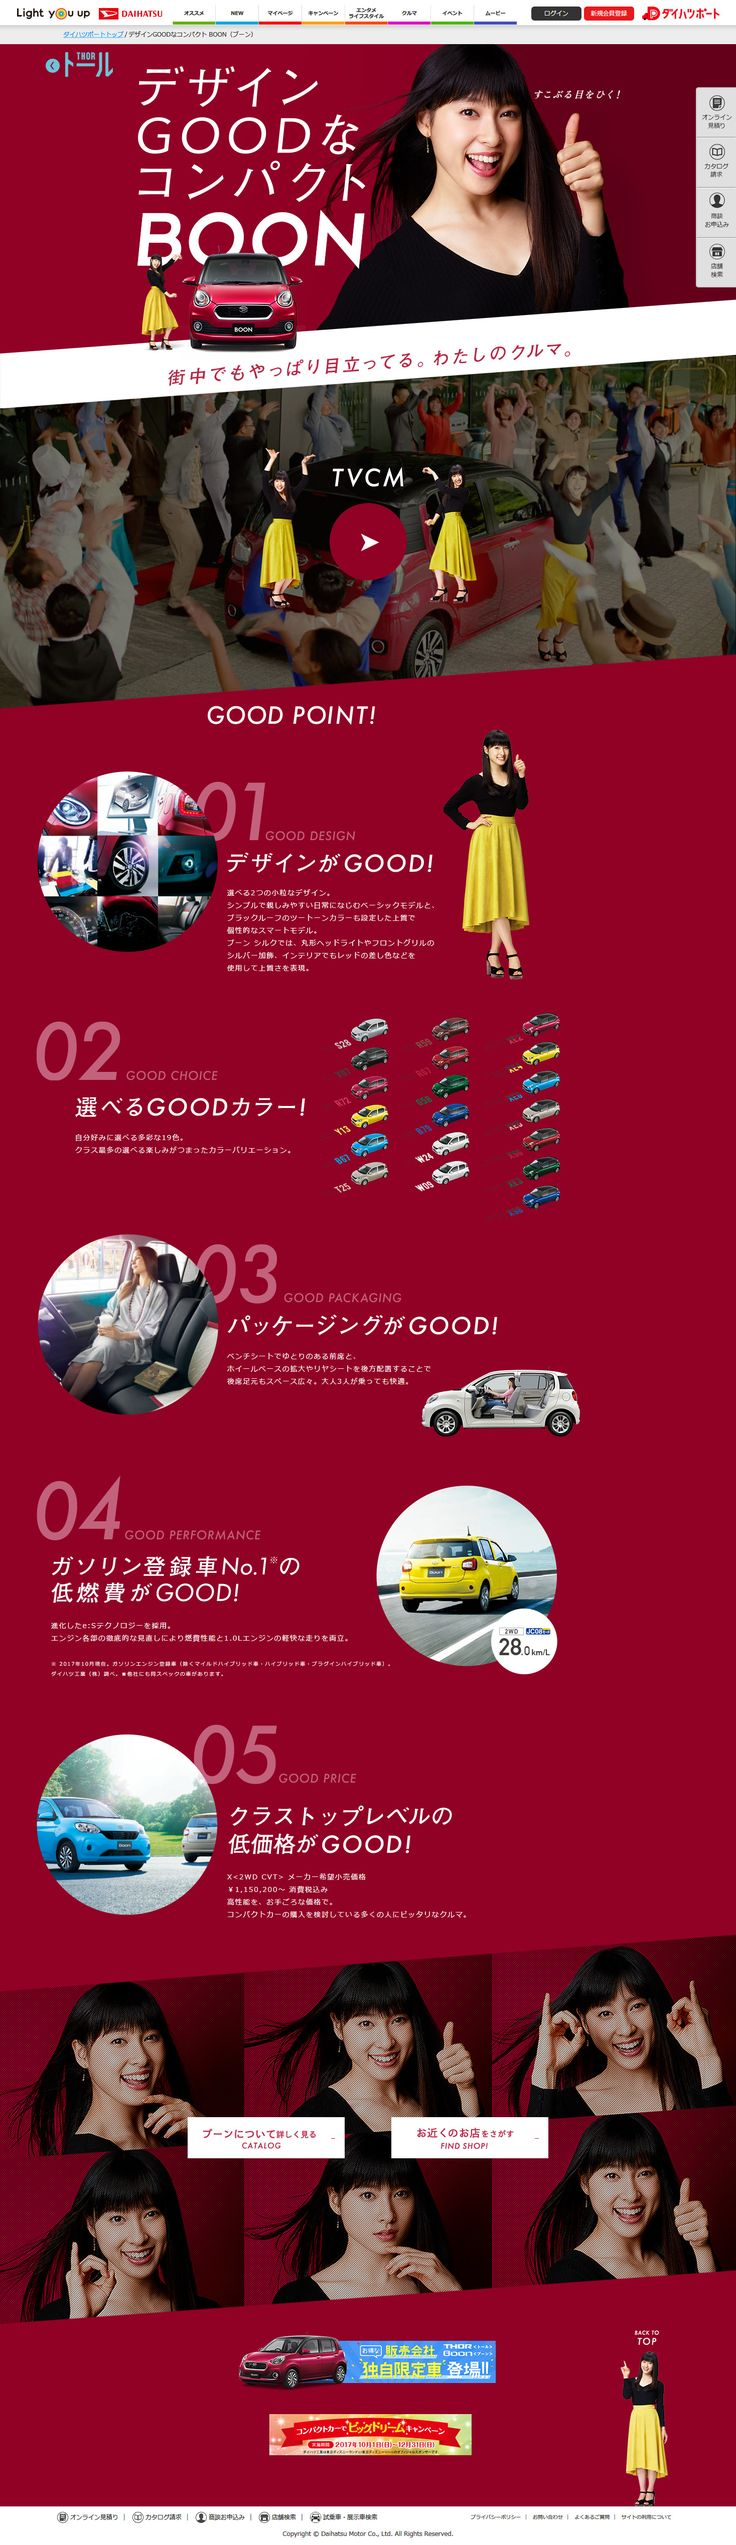 すこぶる目をひく!デザインGOODなコンパクトBOON(ブーン)|ダイハツポート【ダイハツ】 https://dport.daihatsu.co.jp/car/boon2017/